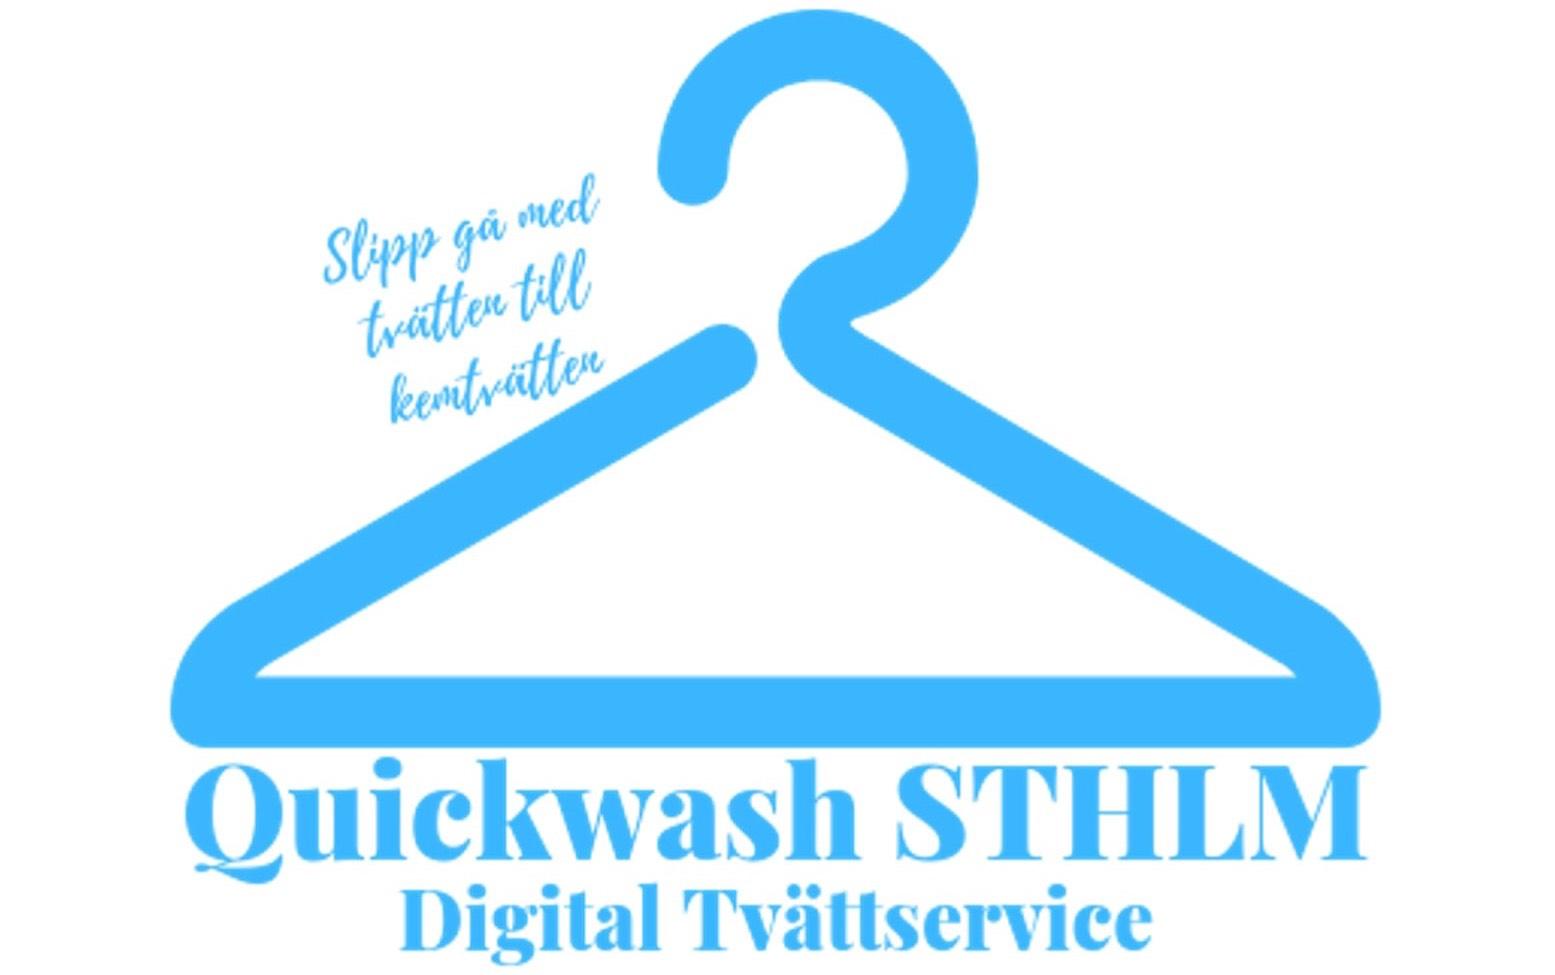 Quickwash Sthlm